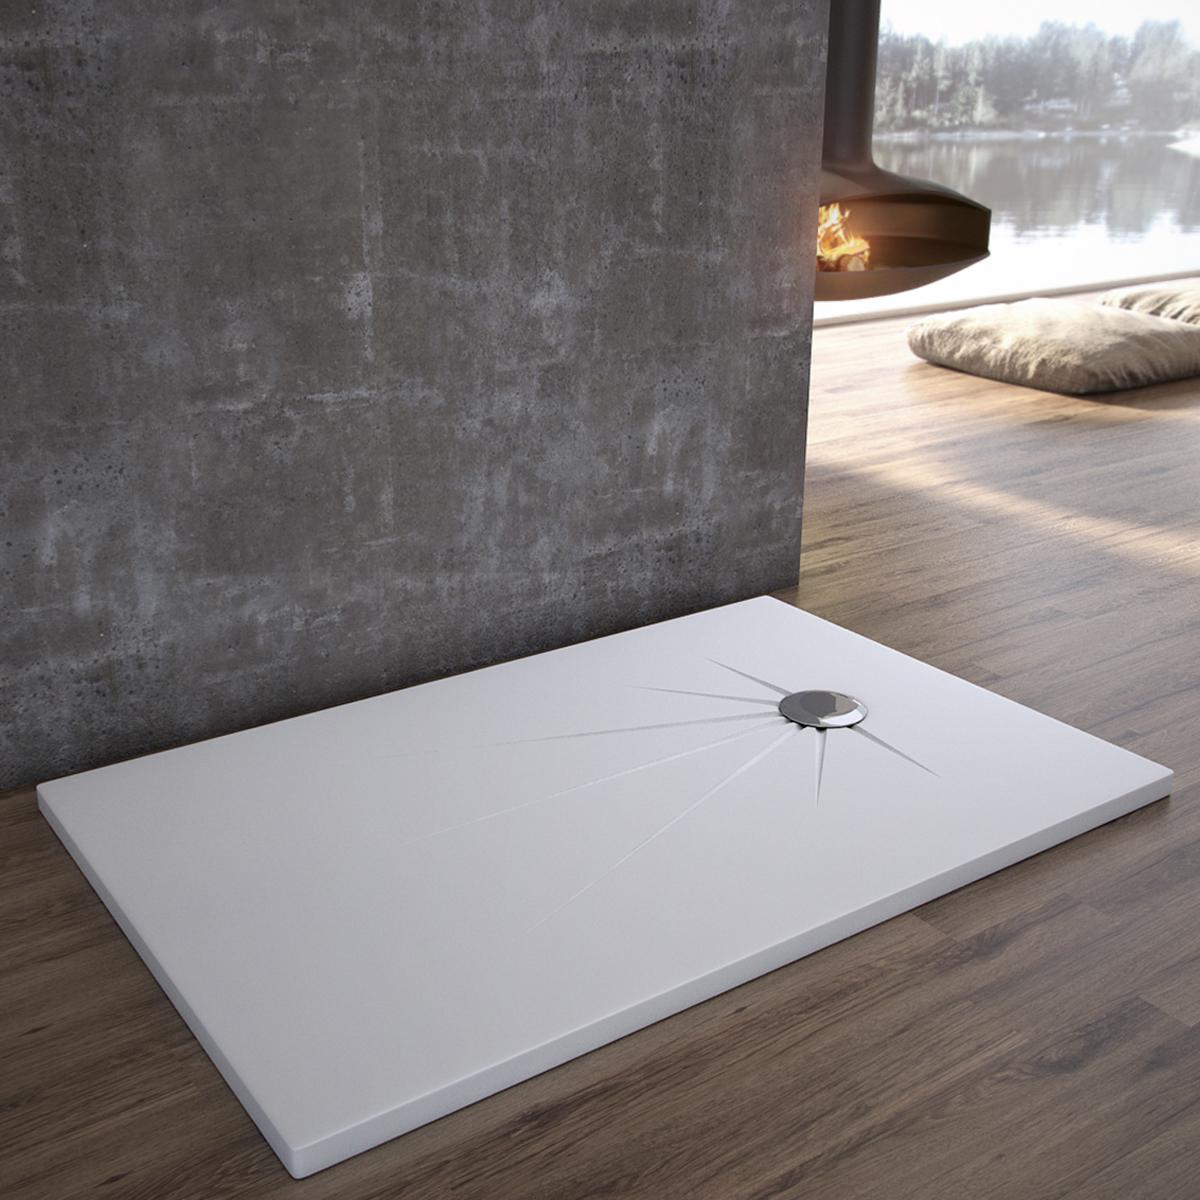 Piatto doccia giotto 120x80 - Costo sostituzione piatto doccia ...